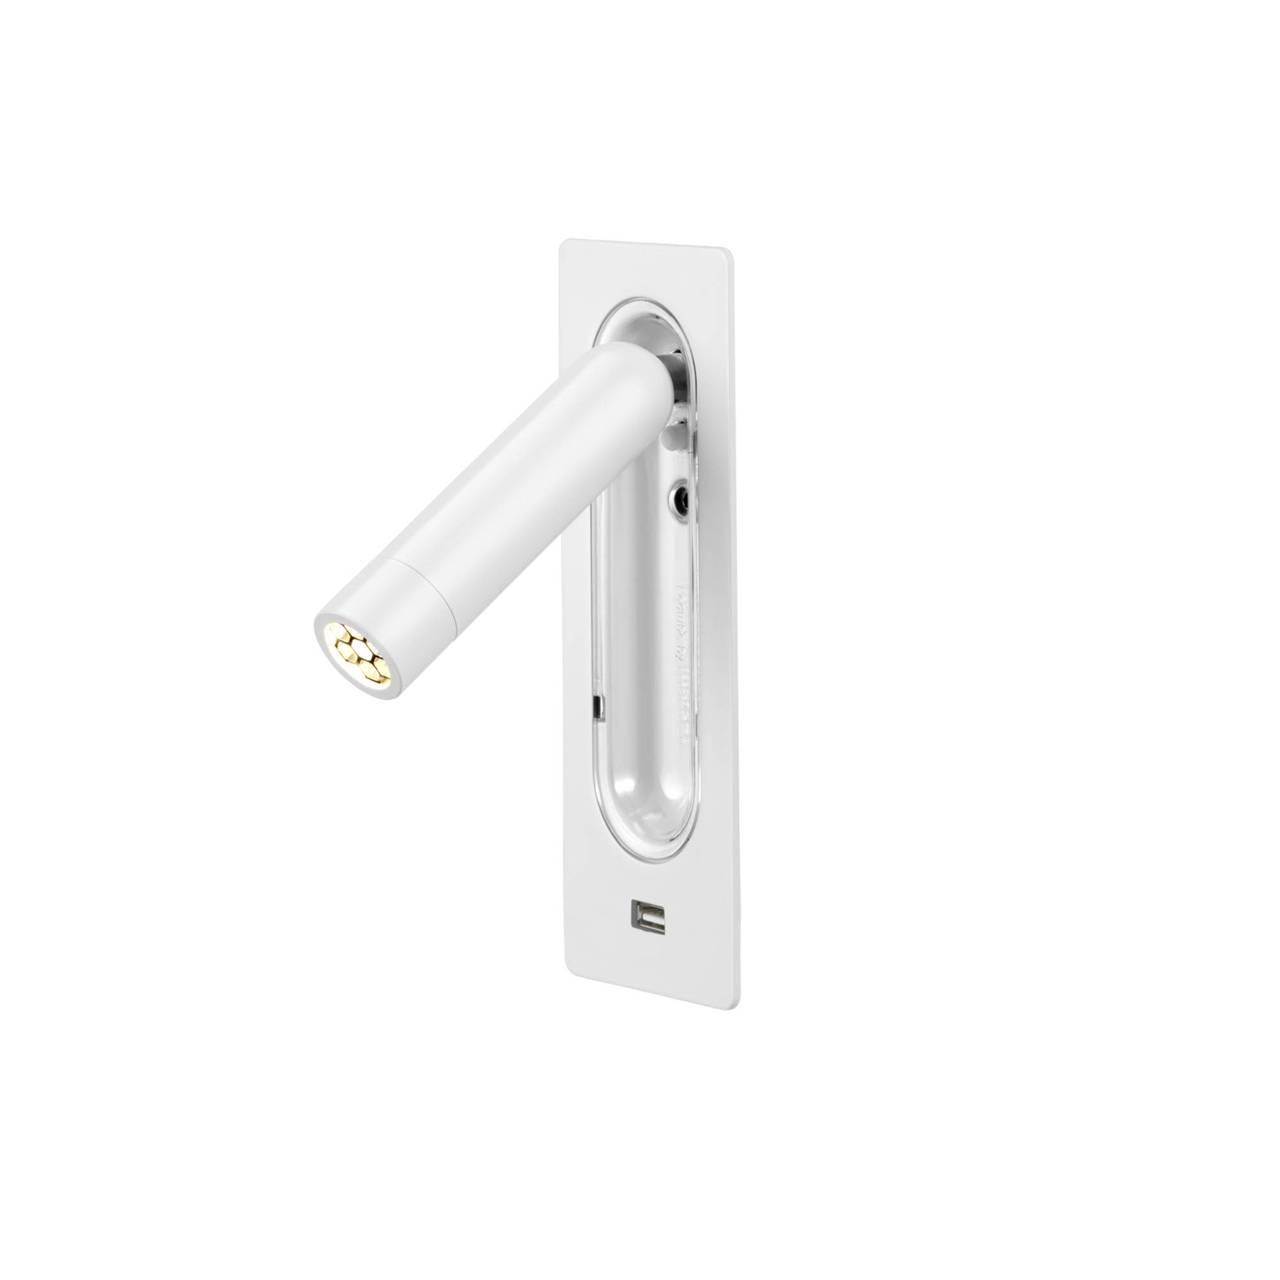 Product Image Ledtube USB Wall / Ceiling